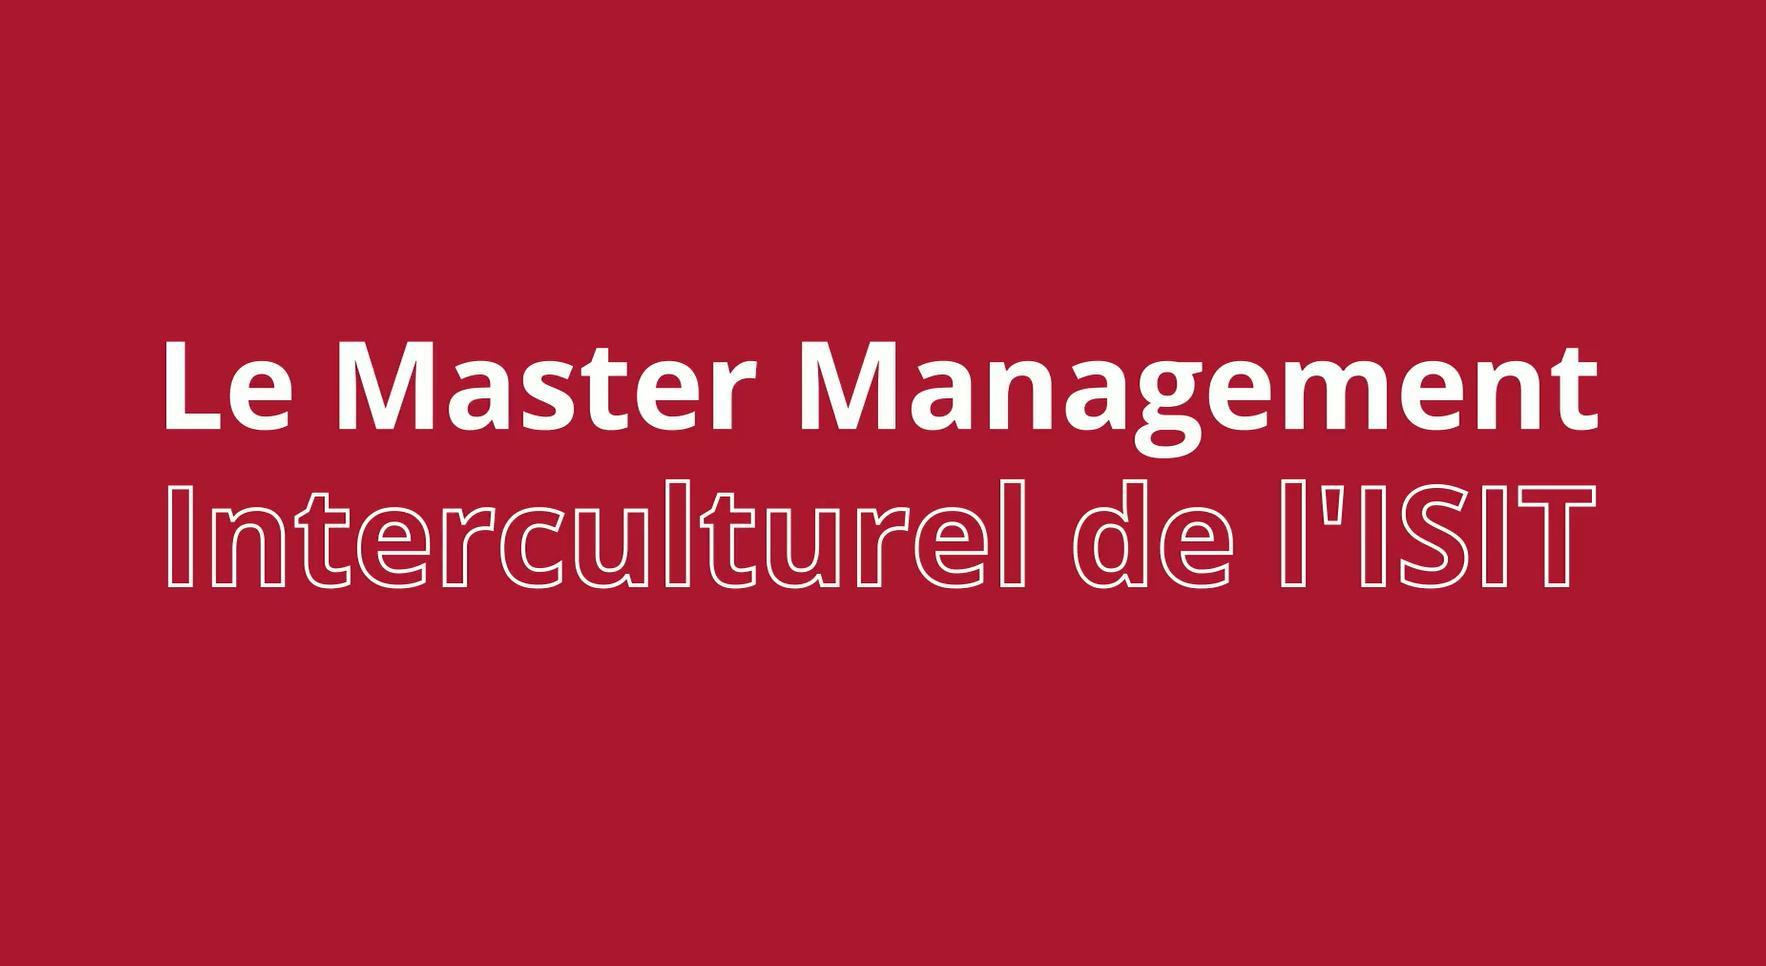 Découvrez le Master Management interculturel de l'ISIT